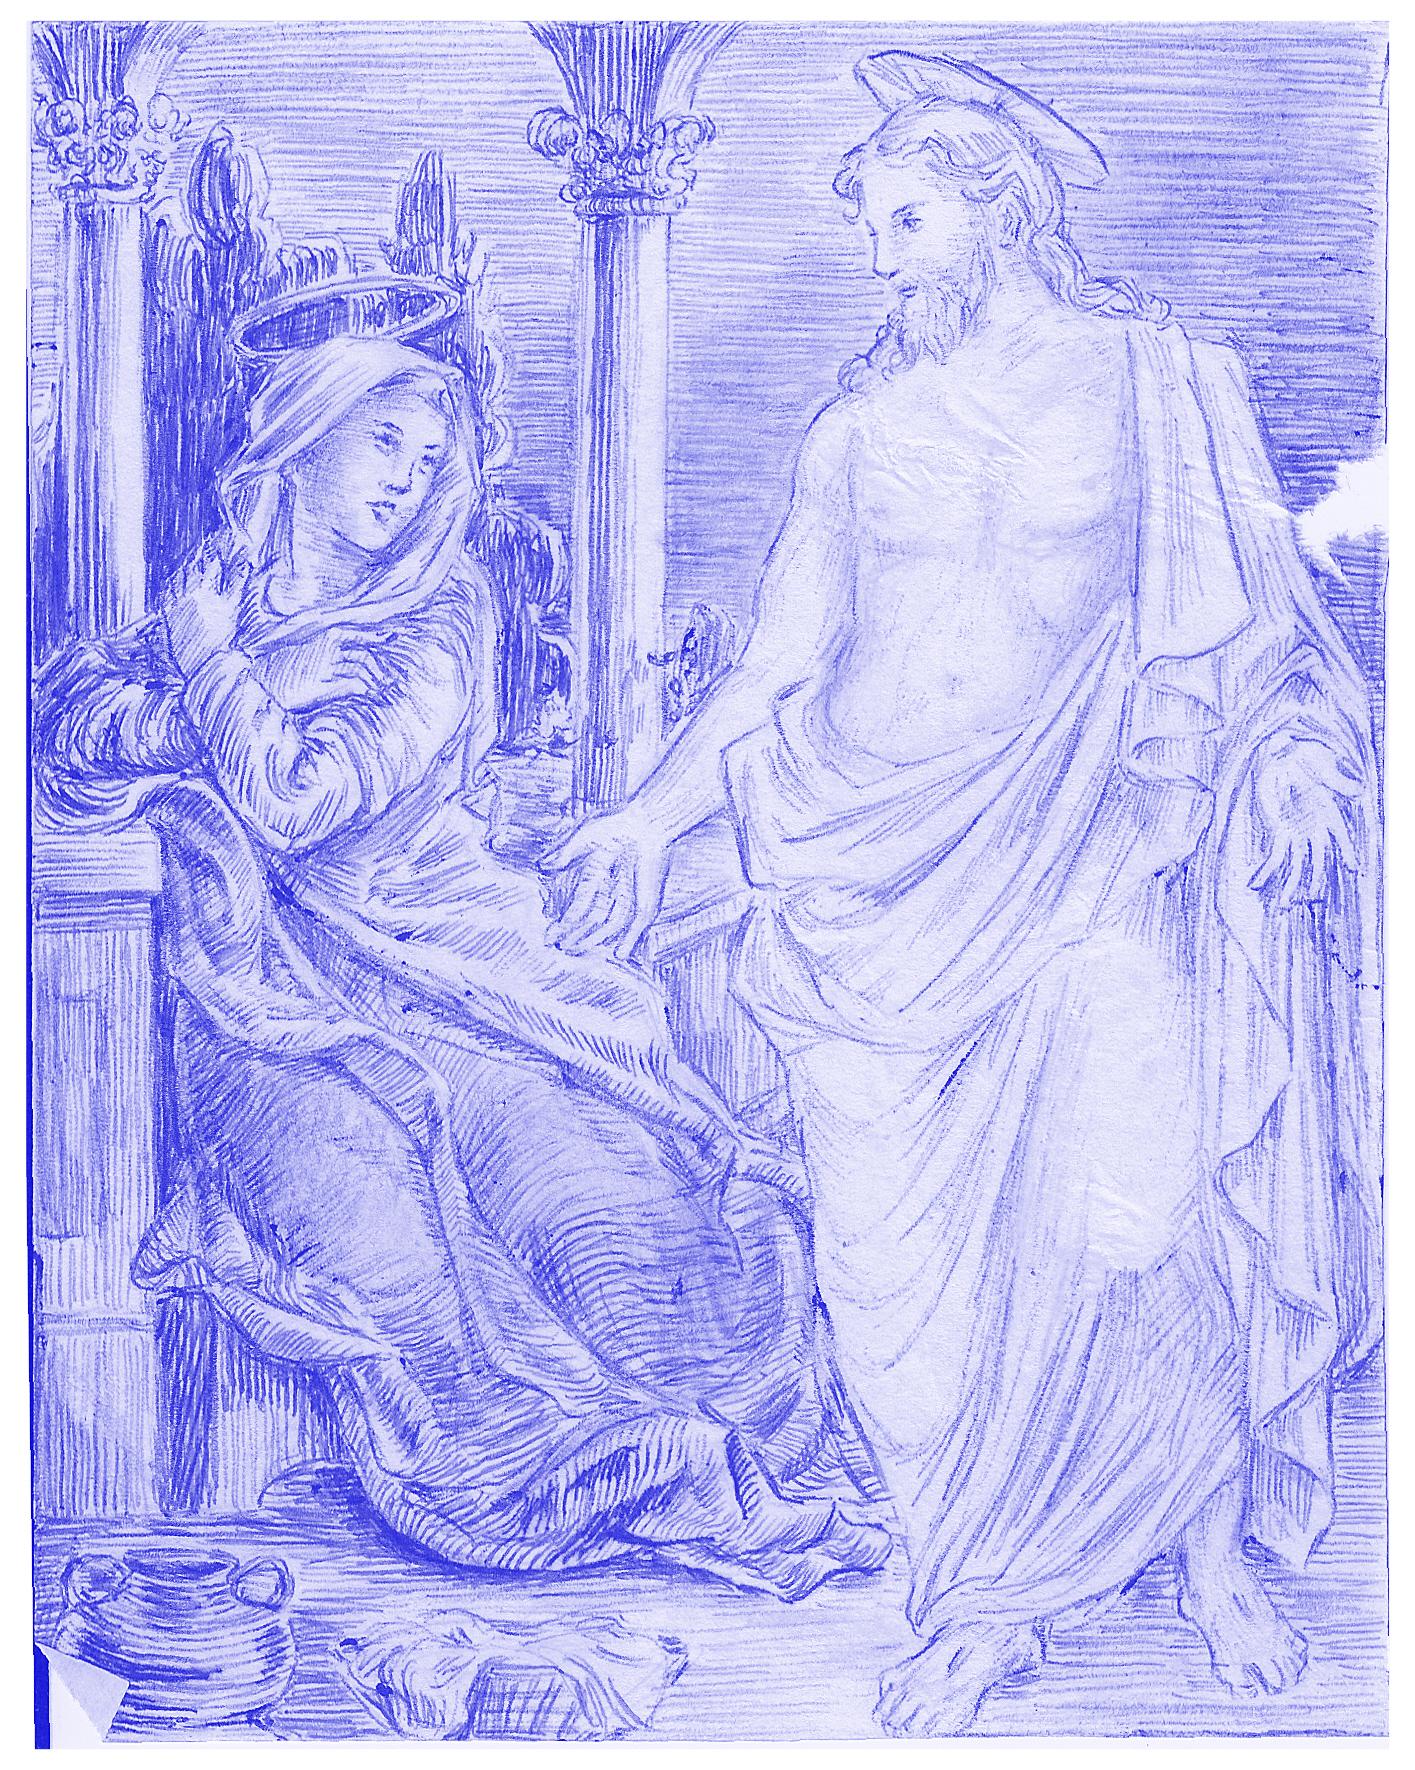 Le Rosaire en Images - Page 3 J-sus-ressuscit-a...nt-marie-5614d70